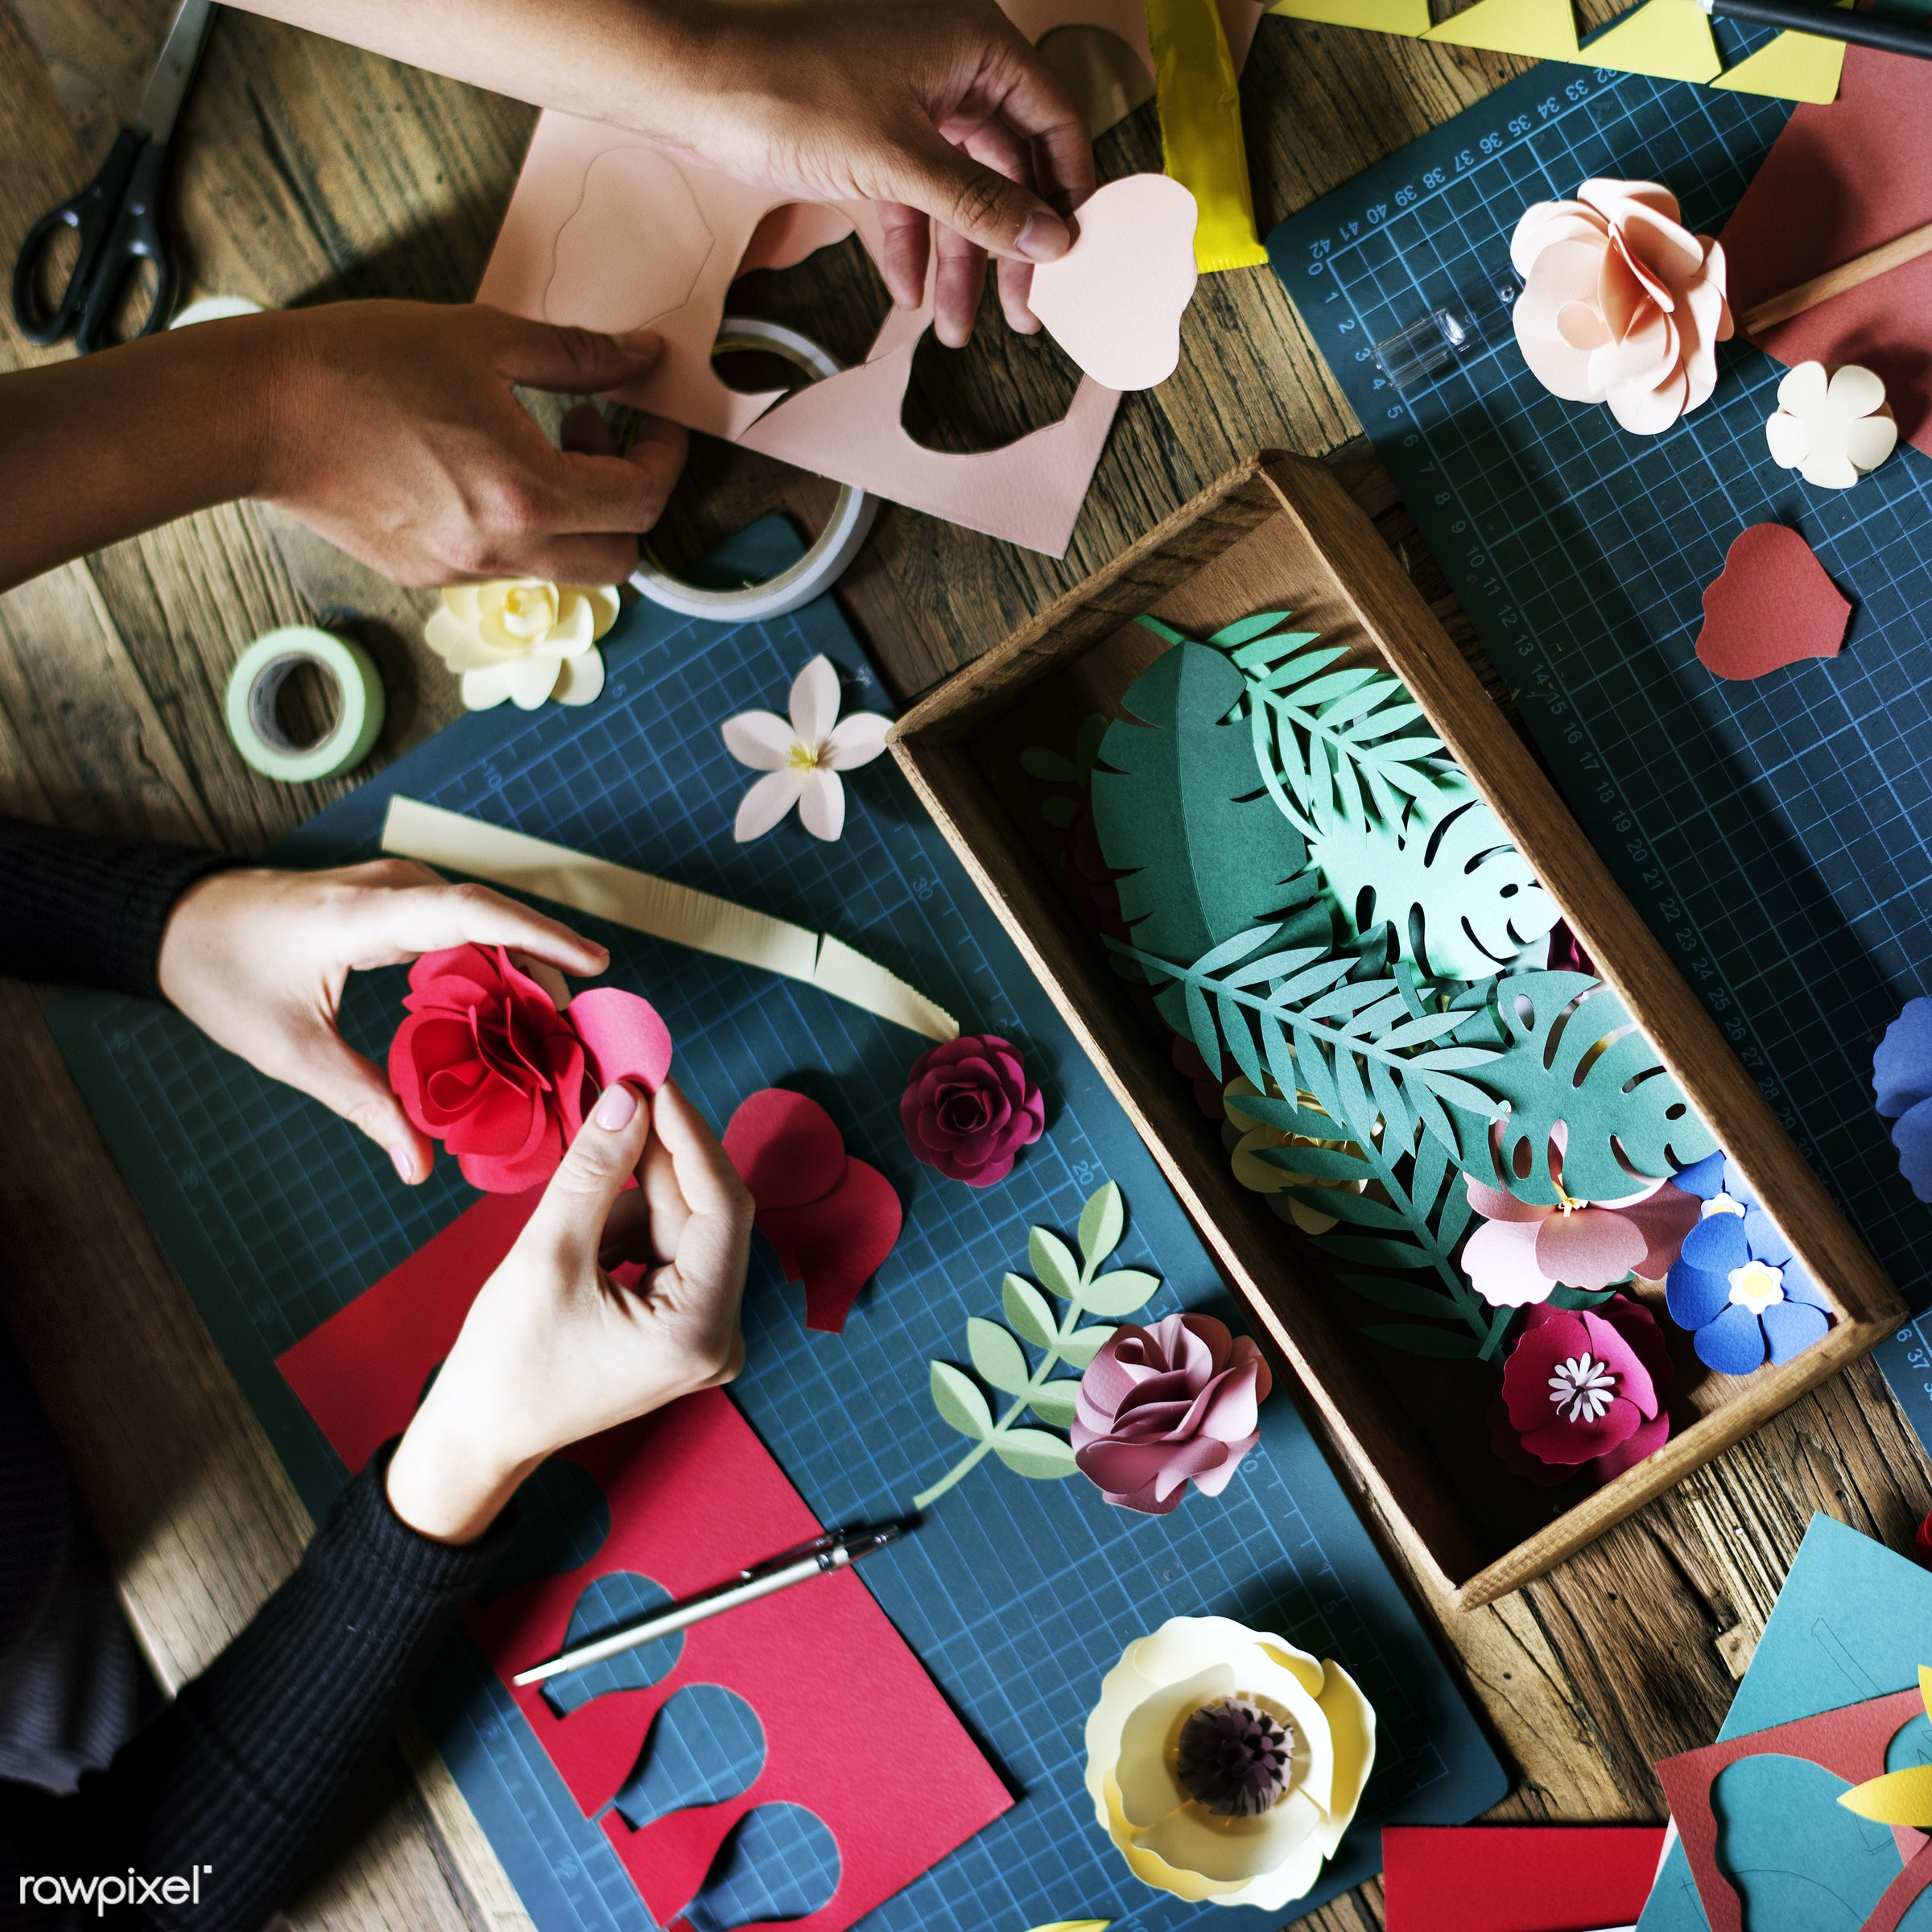 craft, handicraft, leaf, creativity, blossom, hands, working, aerial view, flower, ideas, paper craft, creative, decoration...